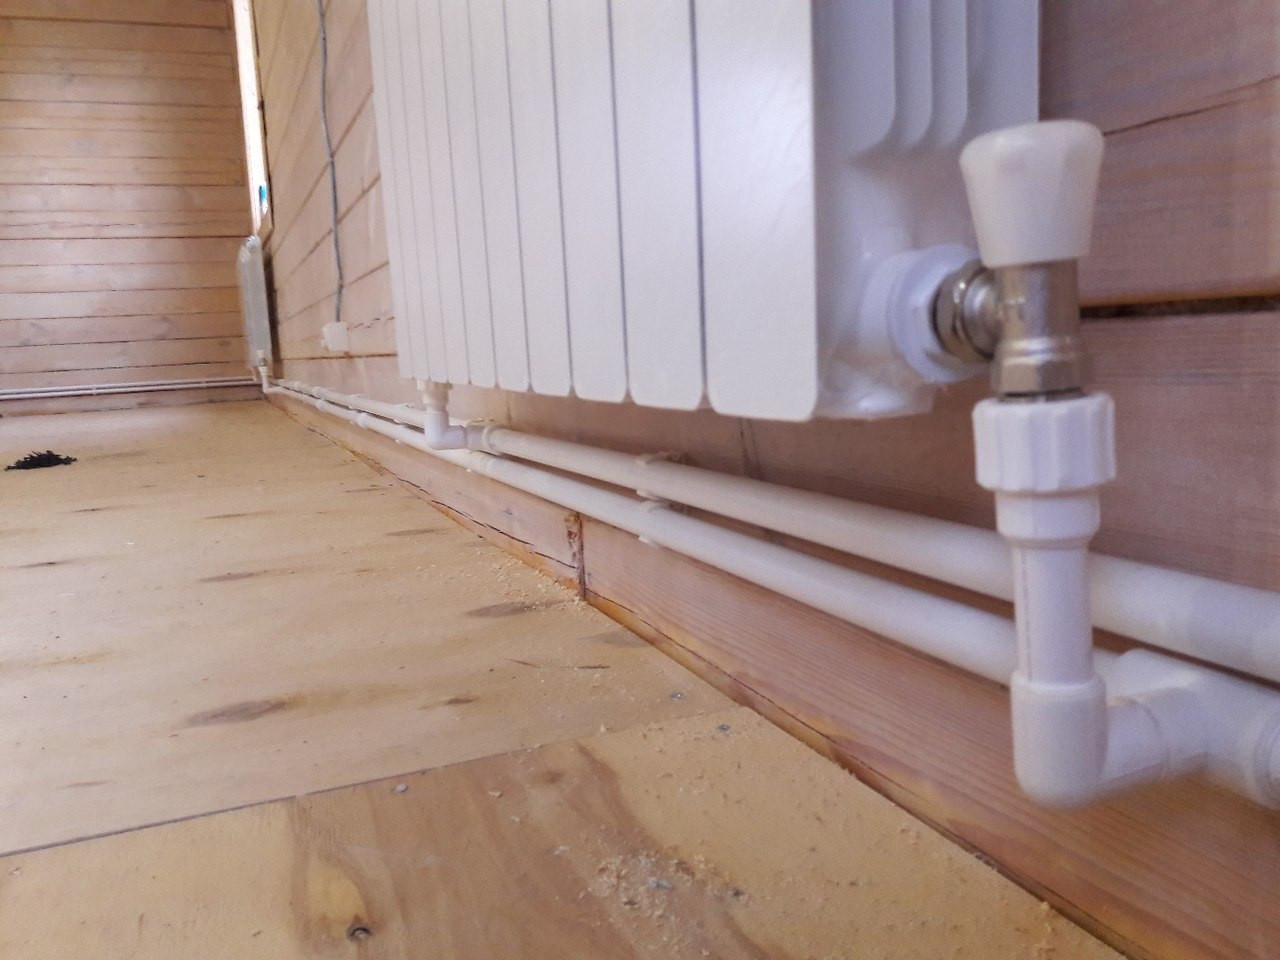 Алюминиевый радиатор с боковым подключением с низу, подключение открытое, система отопления двух трубная, труба для подключения: полипропилен.